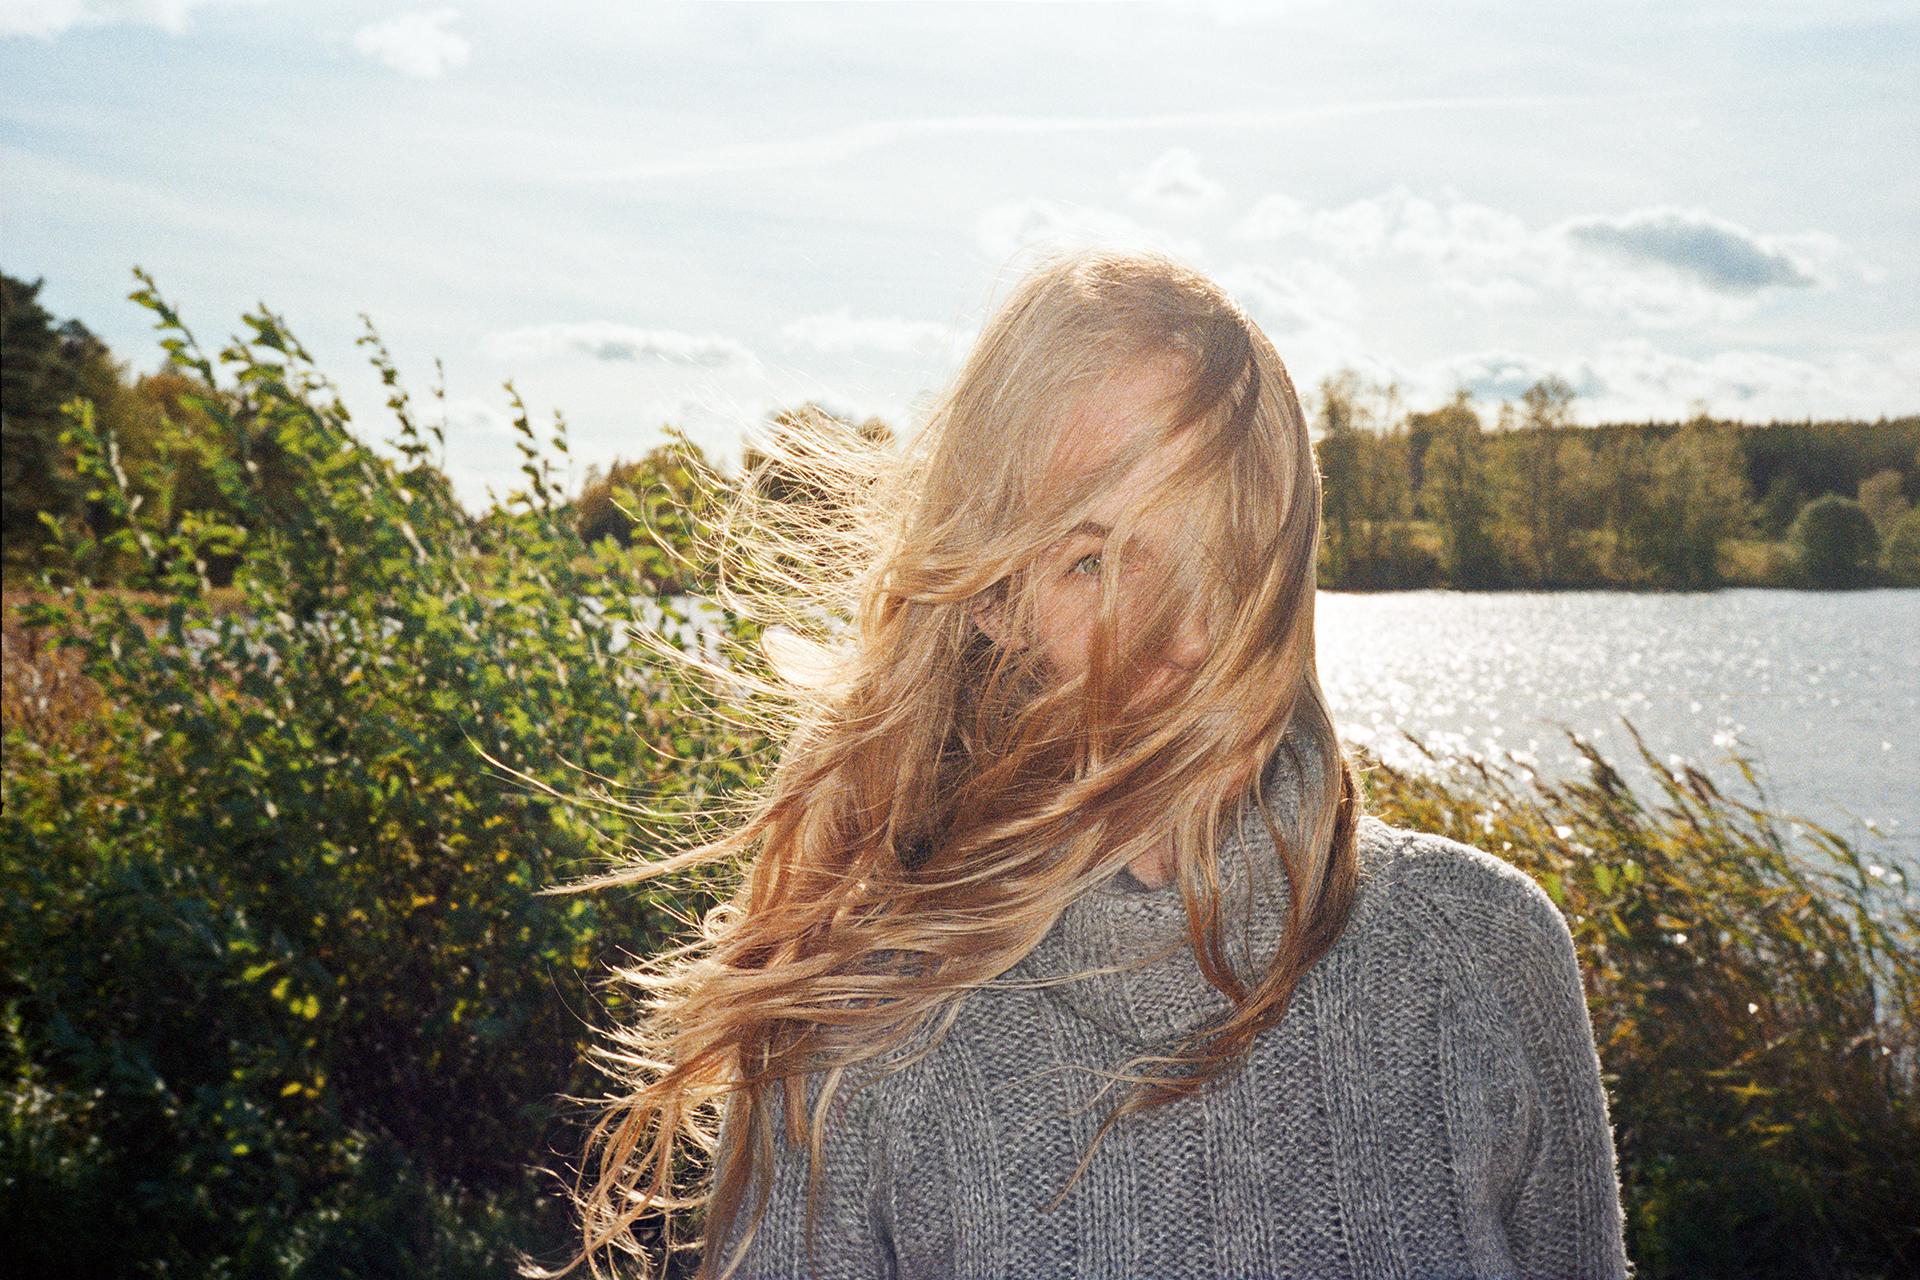 015-Jenny Rova